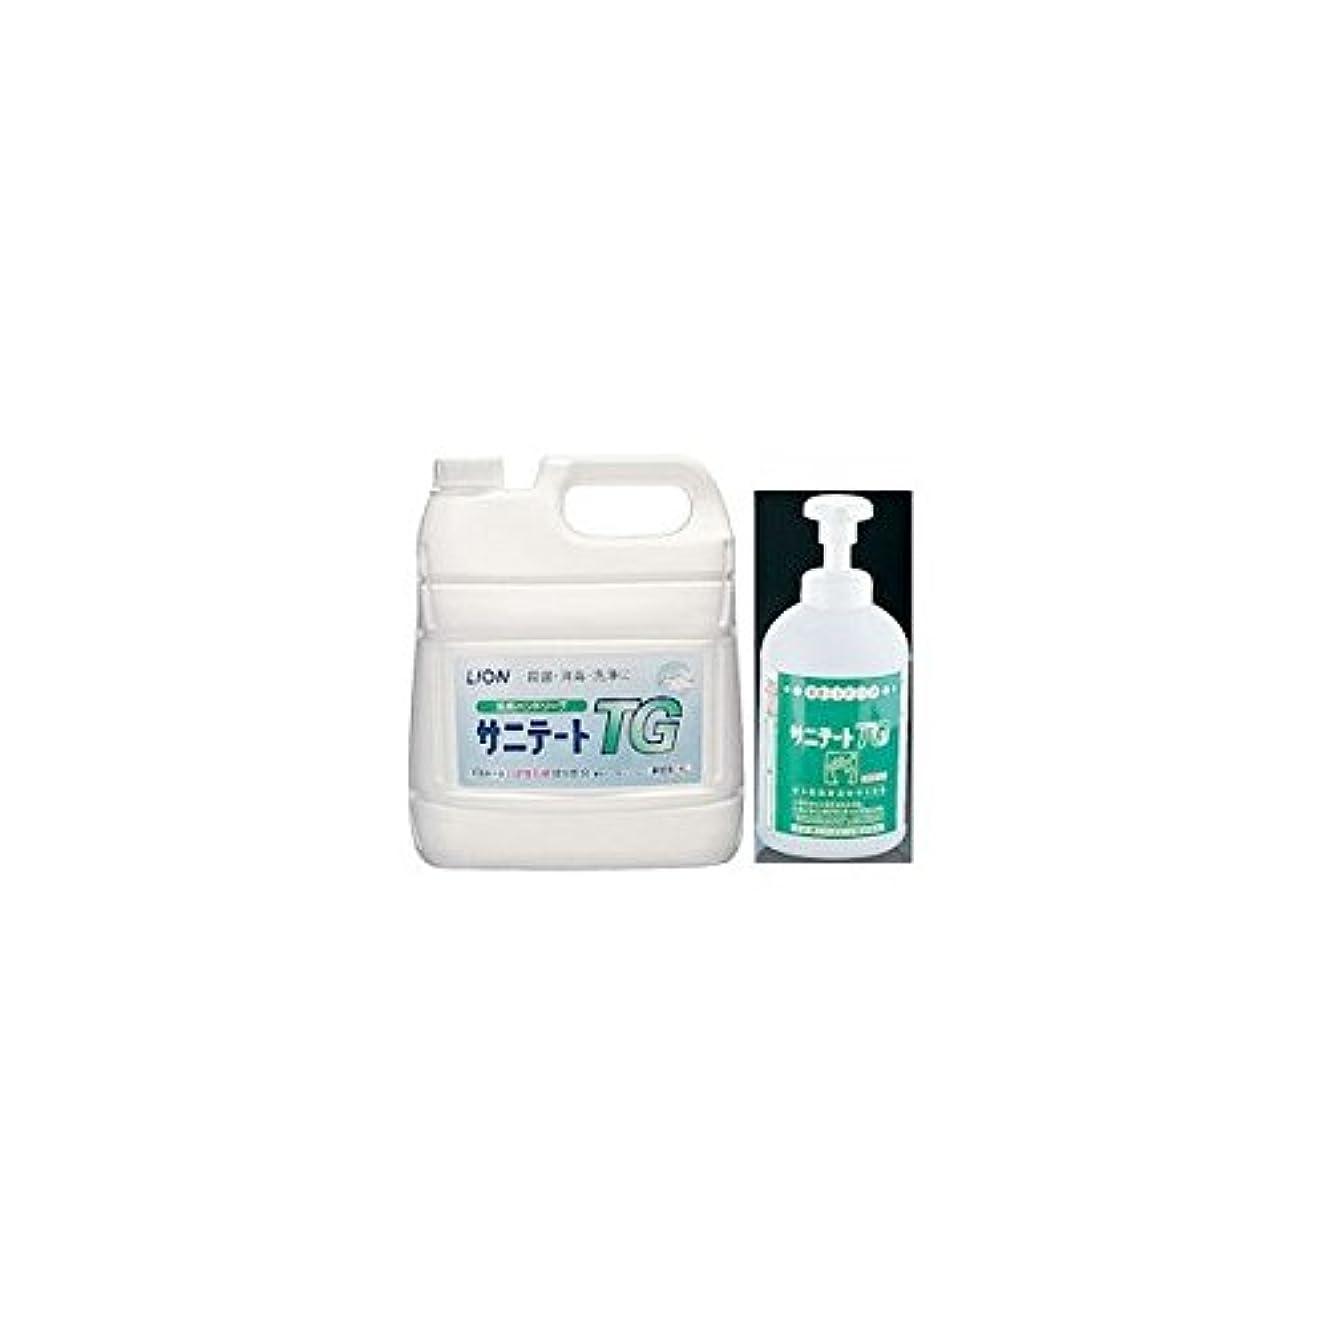 屋内大胆な絶滅させるライオン薬用ハンドソープ サニテートTG 4L 700ML泡ポンプ付 【品番】JHV3001